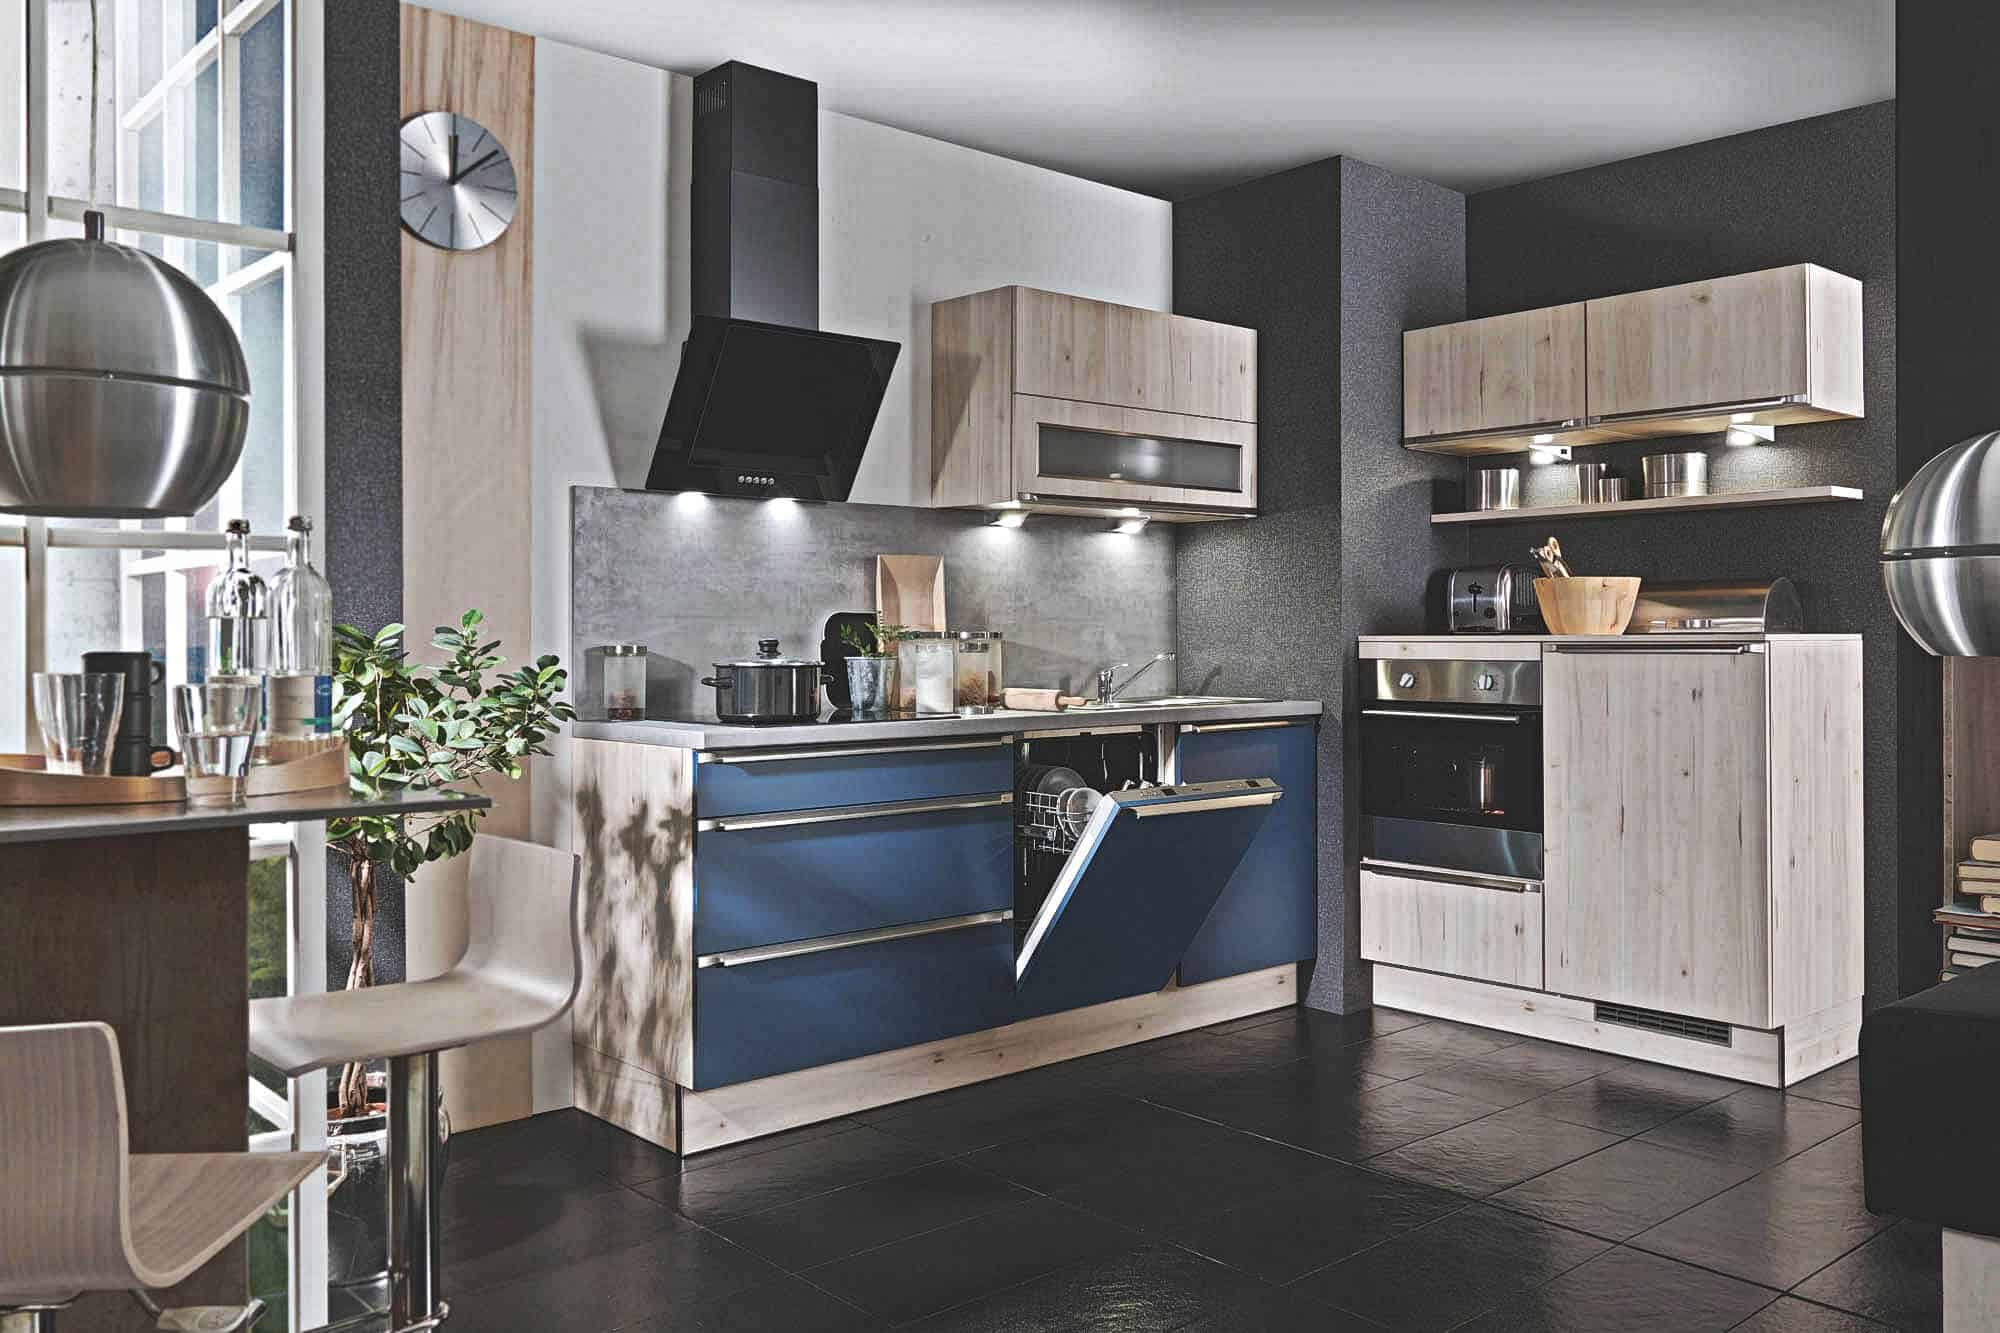 Groß Küche Lackfarben Mit Blauen Platten Zeitgenössisch - Küchen ...